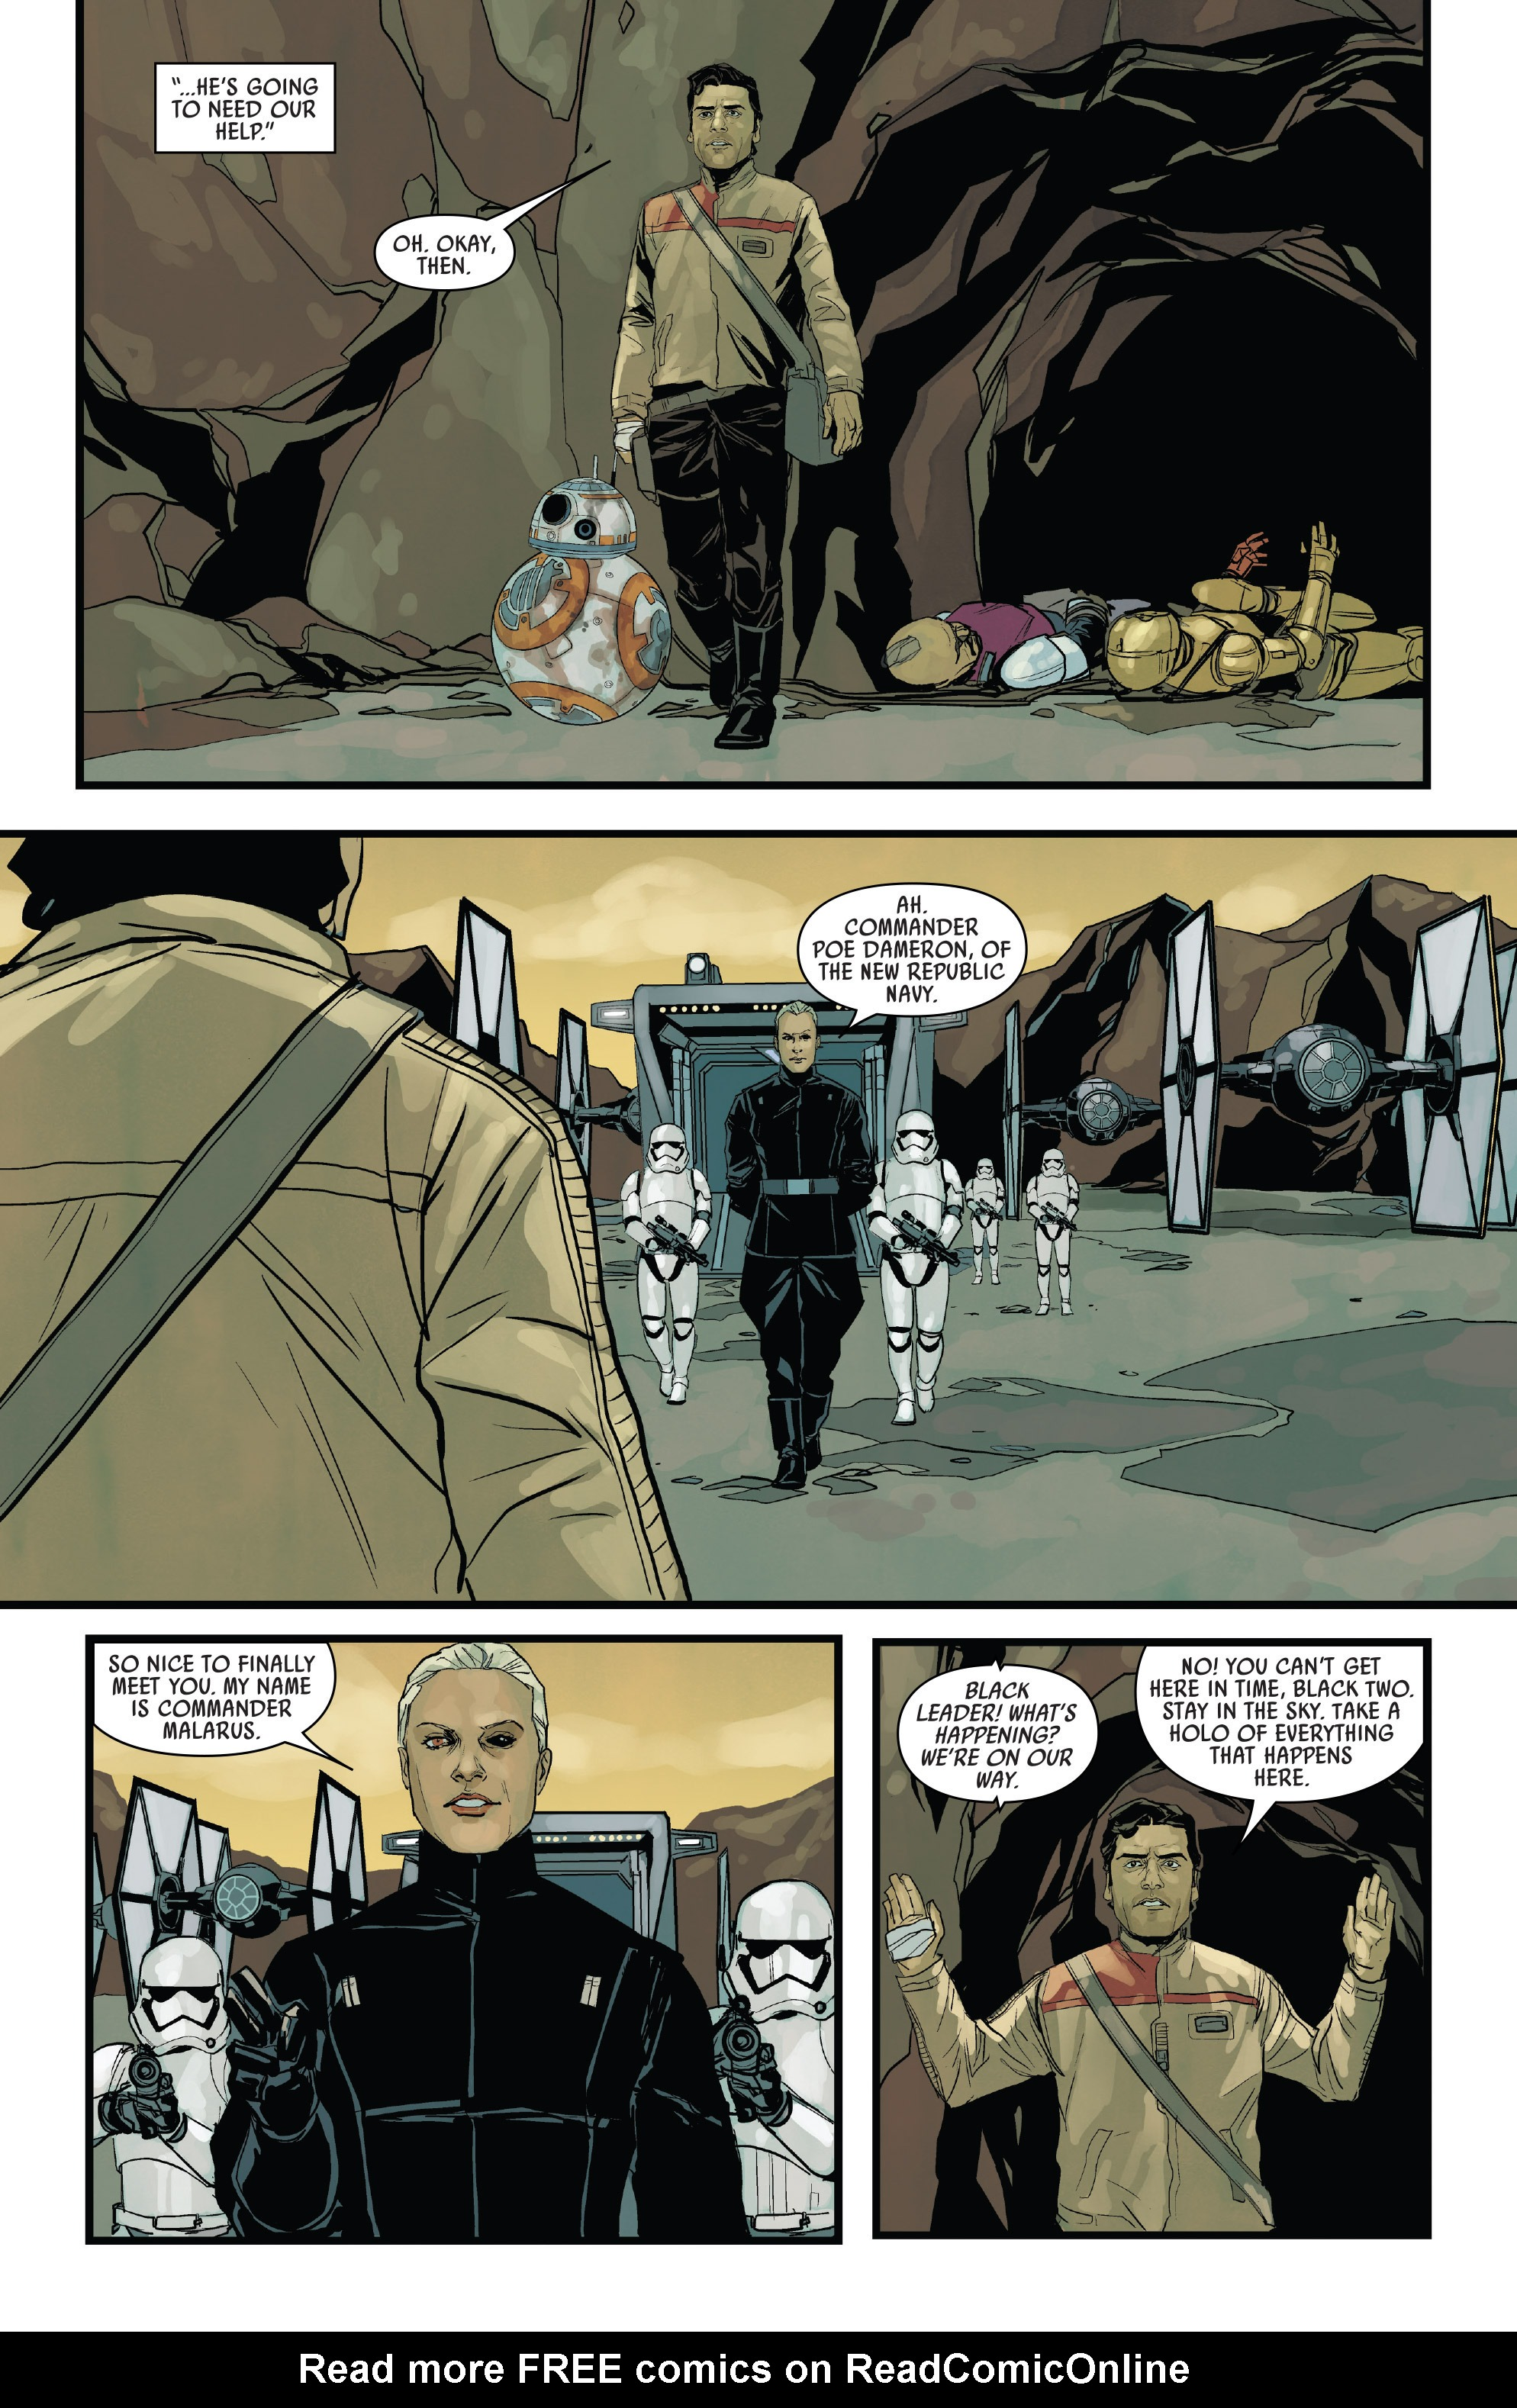 Read online Star Wars: Poe Dameron comic -  Issue #13 - 20